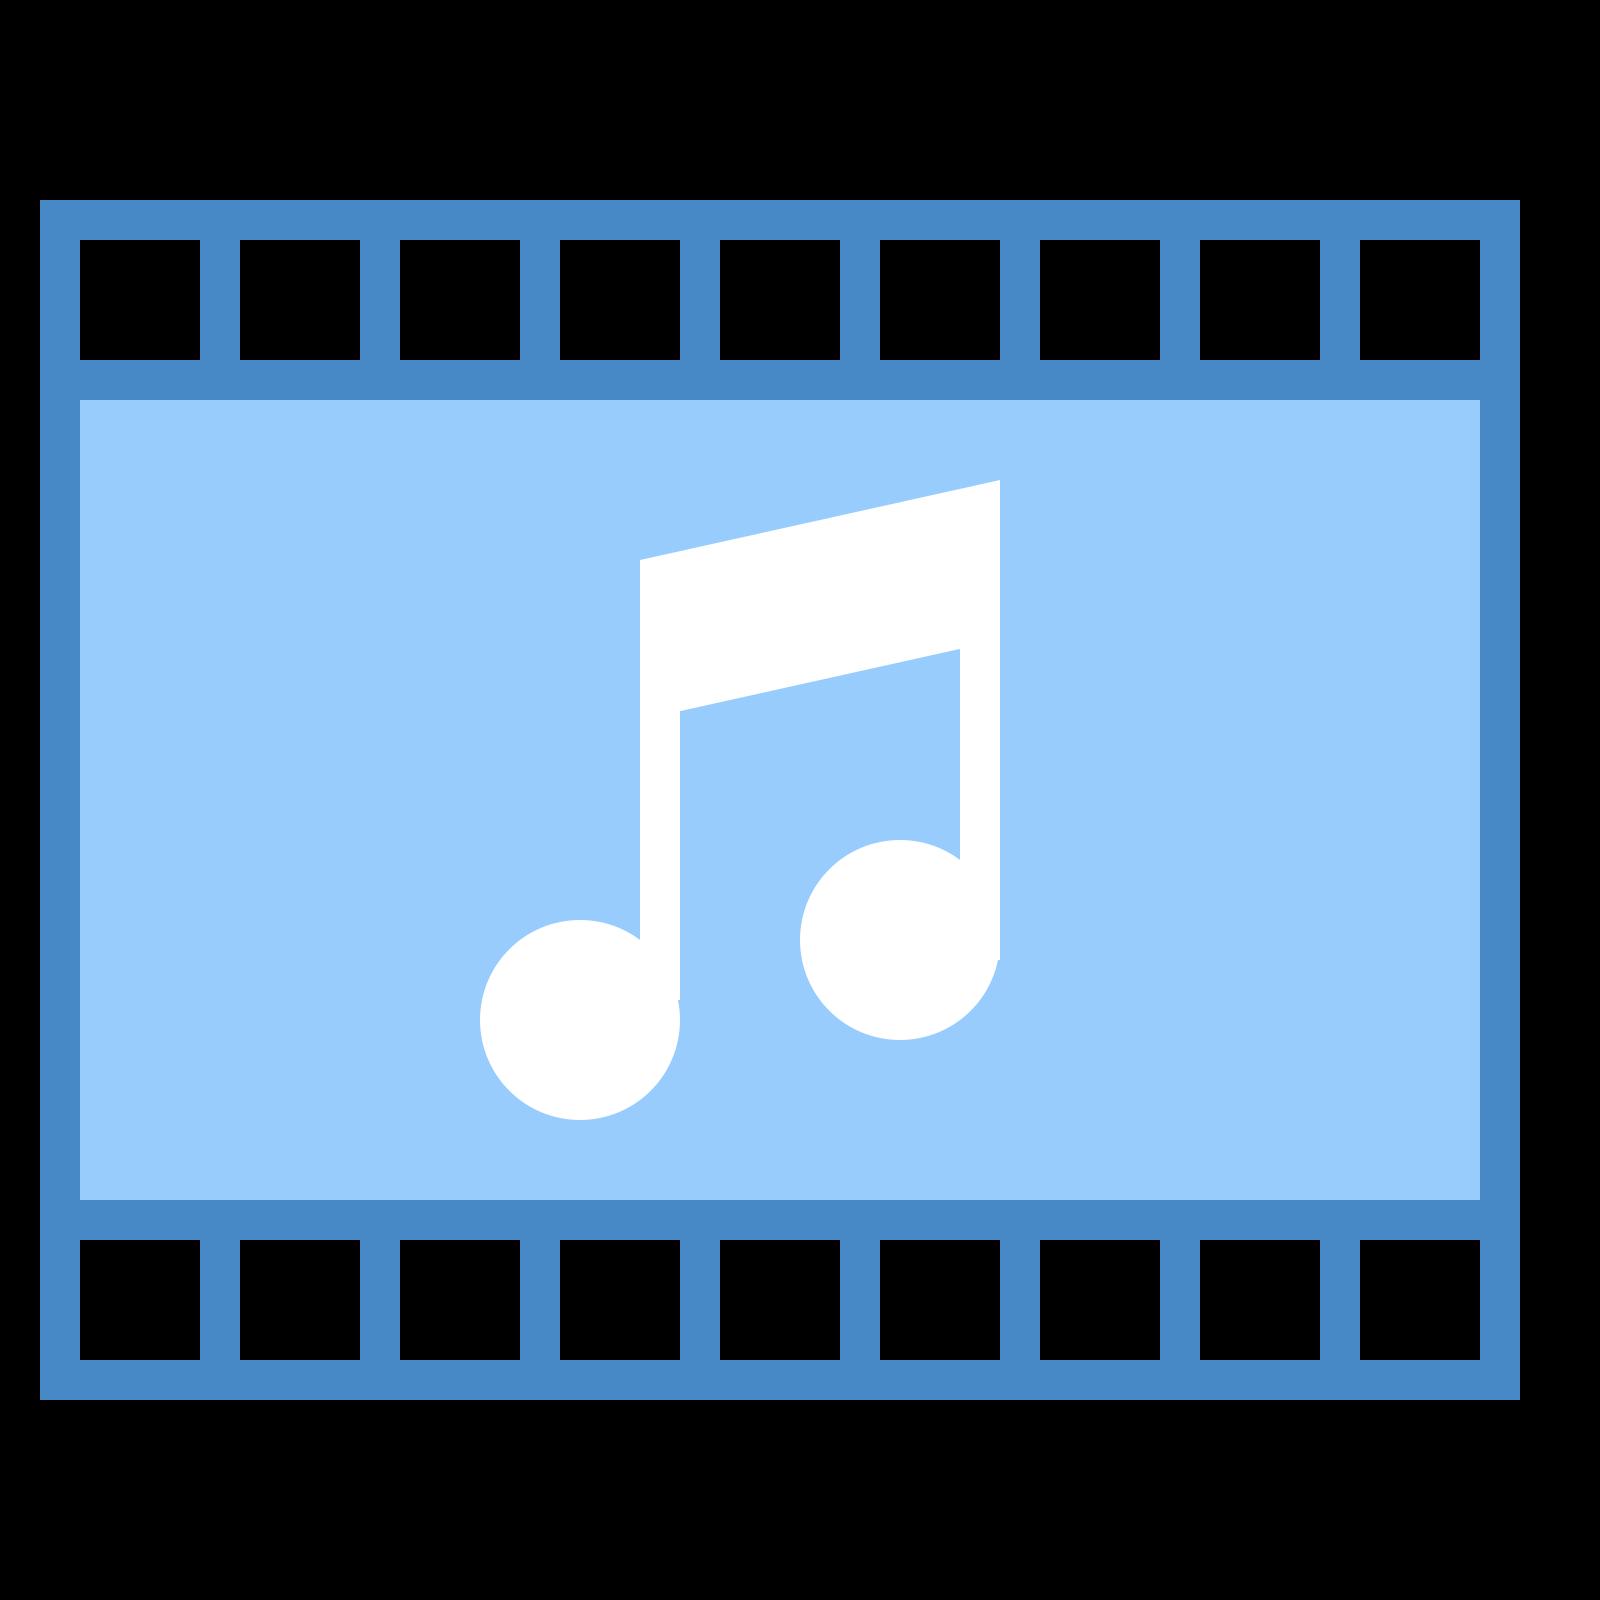 电影配乐 icon